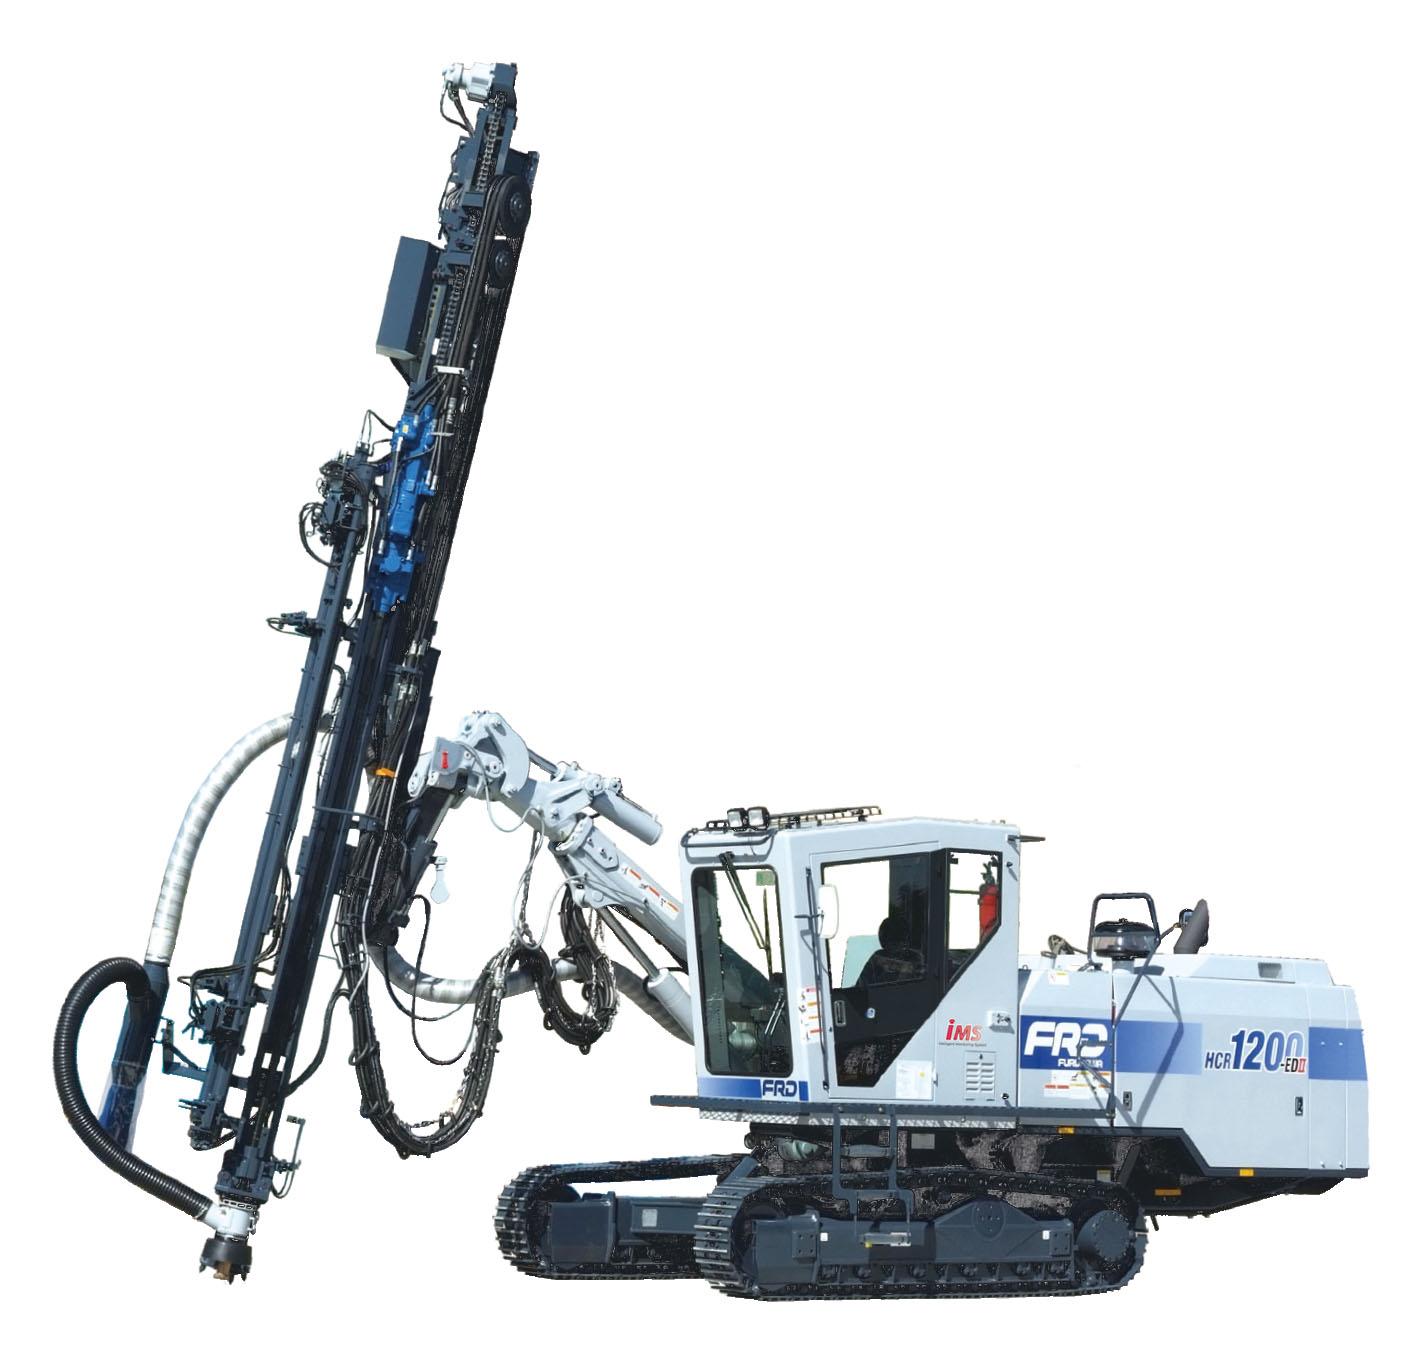 HCR1200-EDII